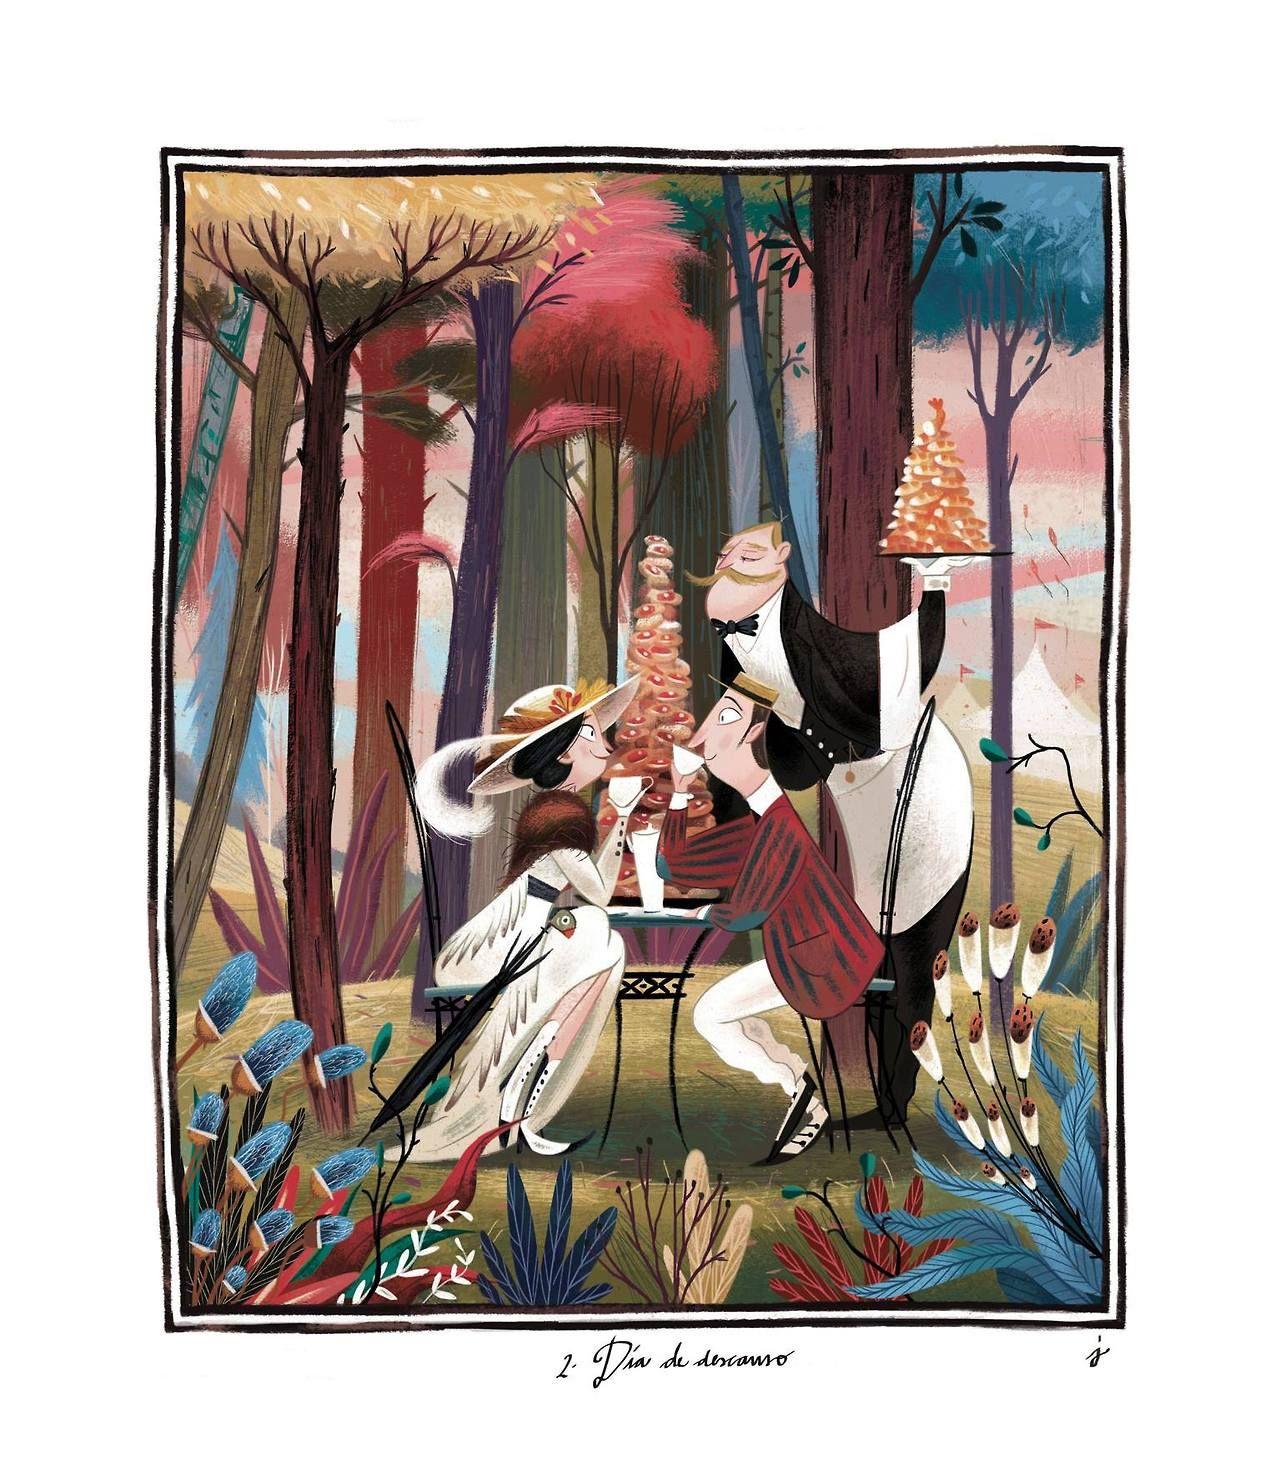 Liconoclaste in 2019 childrens book illustration